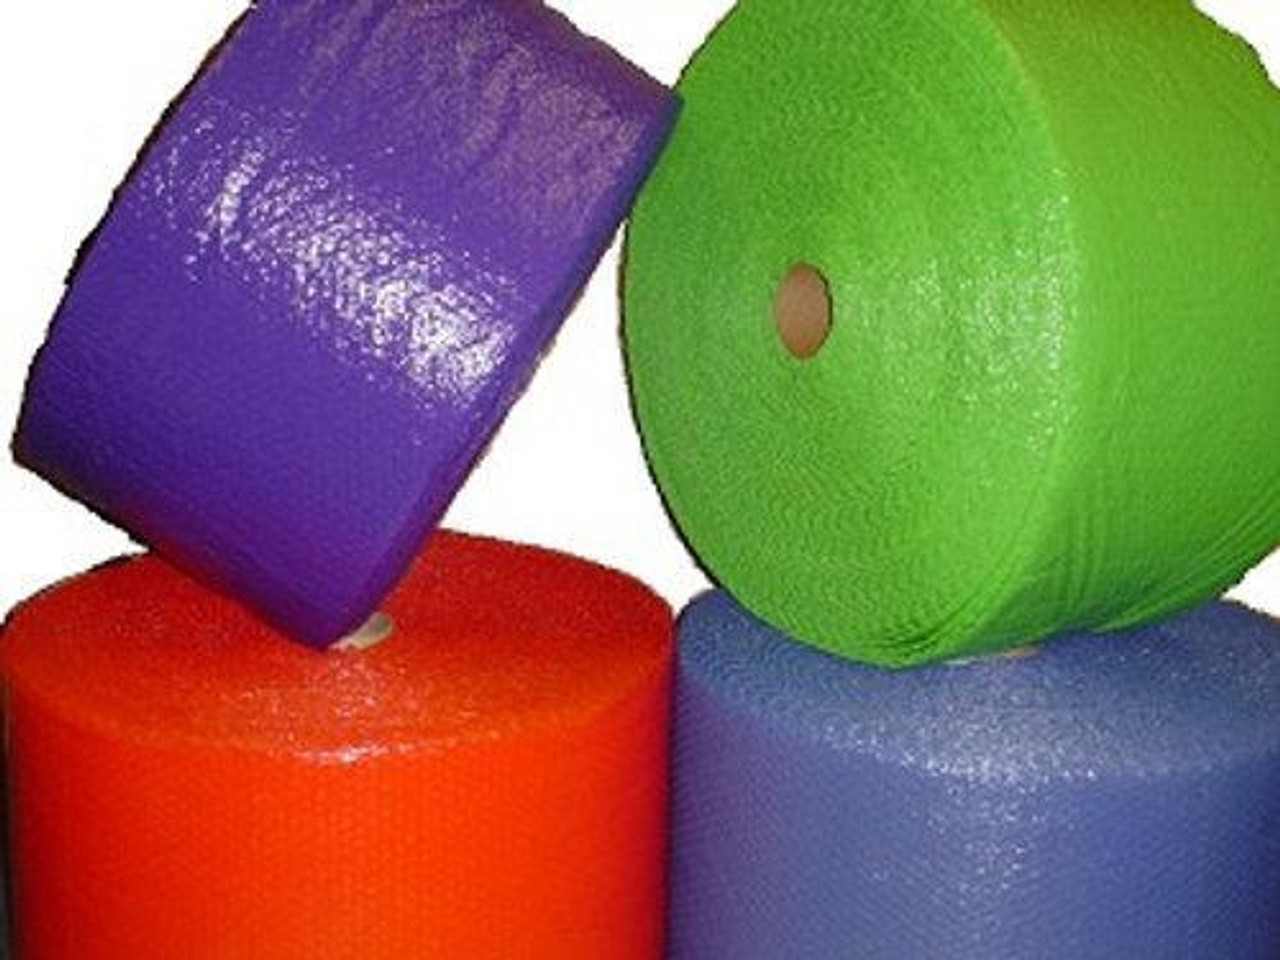 Bubble Wrap® Rolls